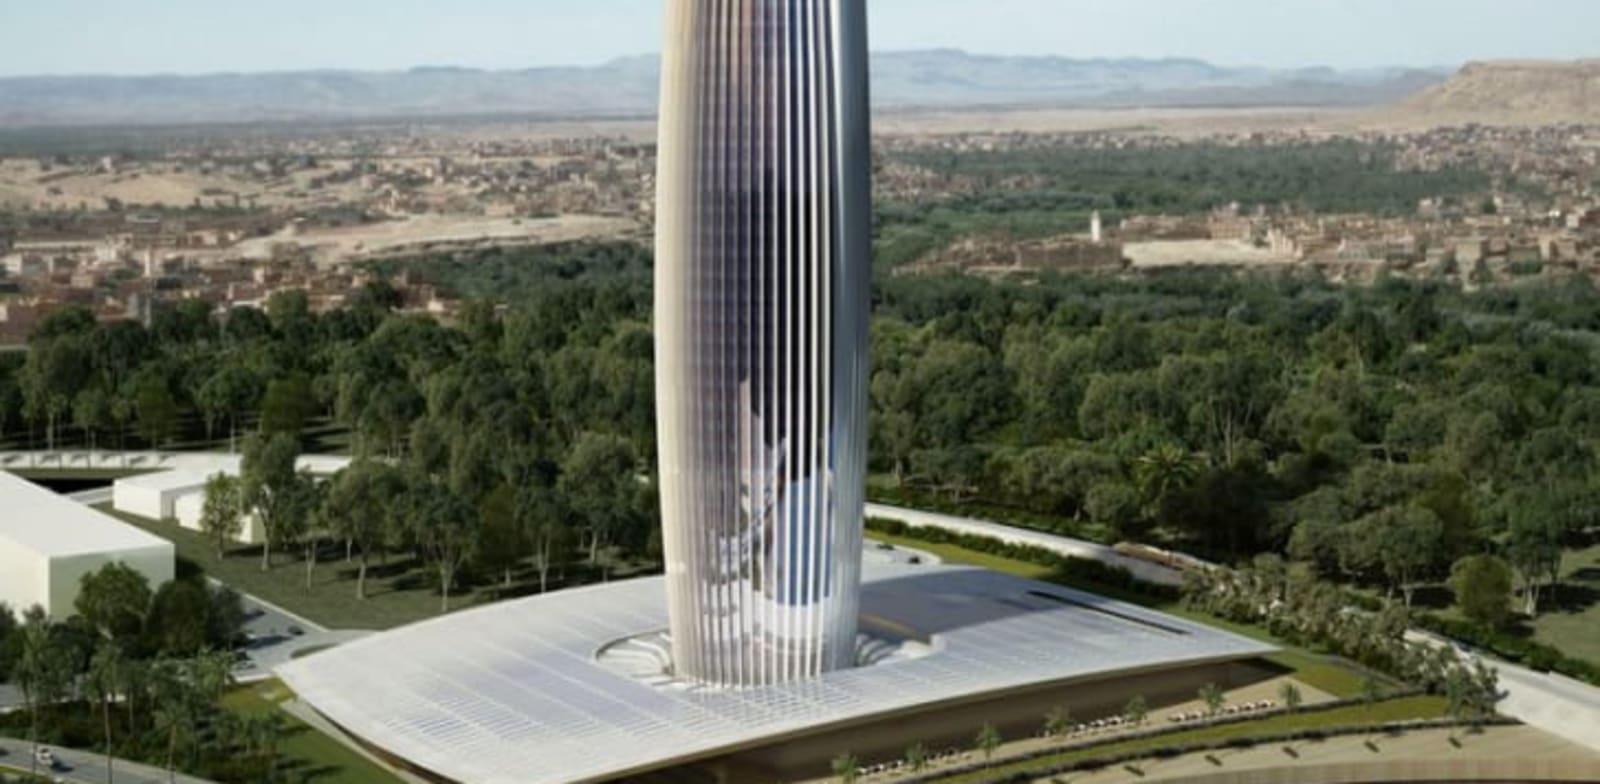 מגדל בנק אוף אפריקה, רבאט / הדמיה: BEXIS